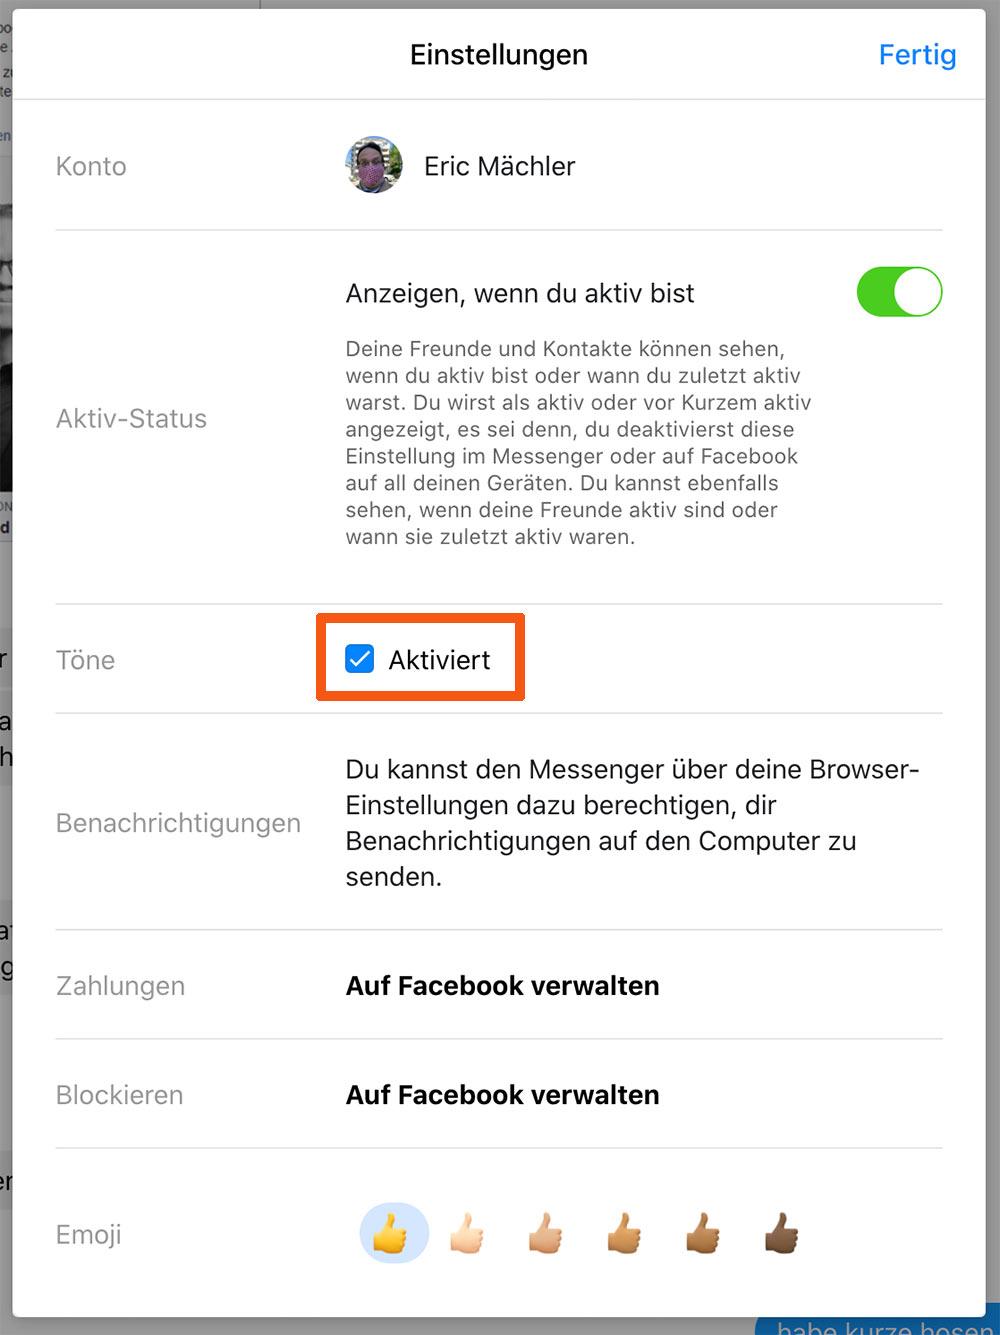 facebook benachrichtigungston messenger einstellung - Facebook Messenger Benachrichtungston ausschalten / deaktivieren